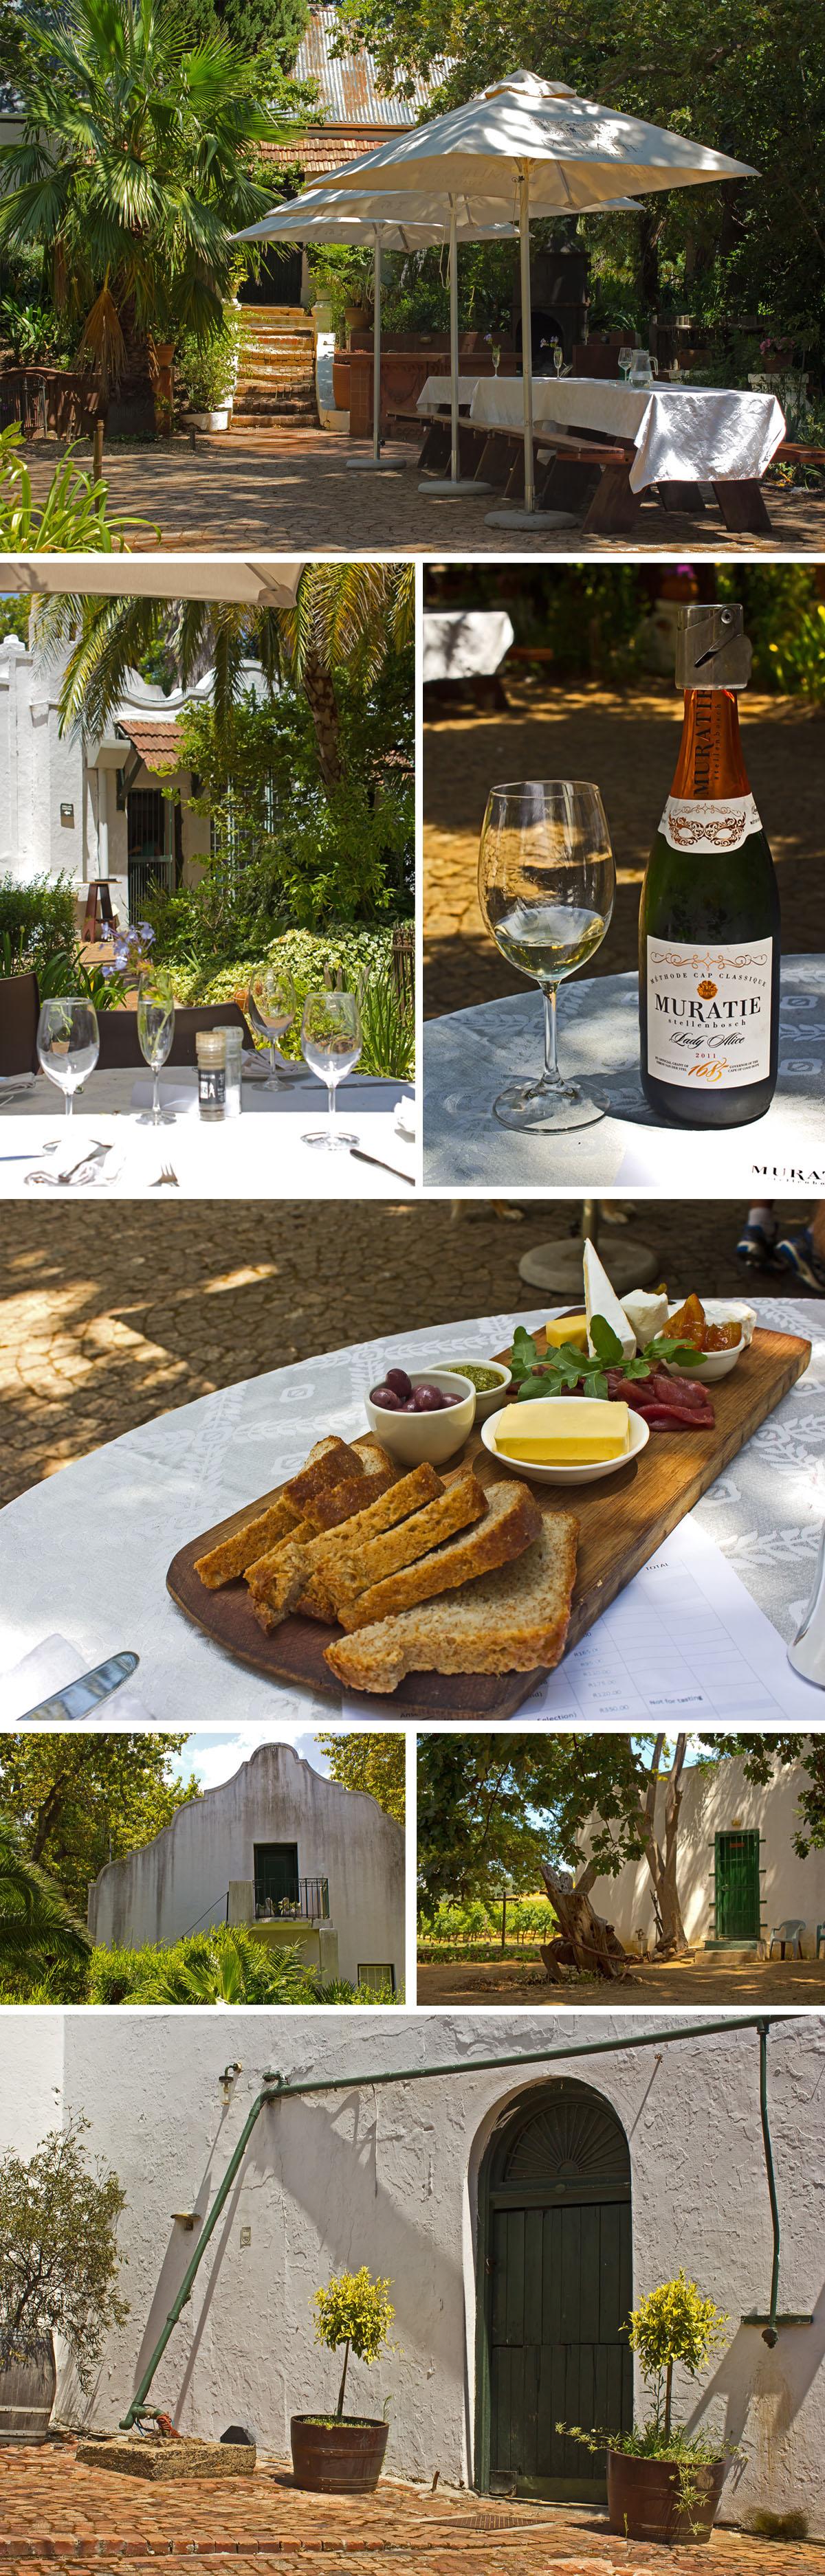 Muratie Winery Stellenbosch